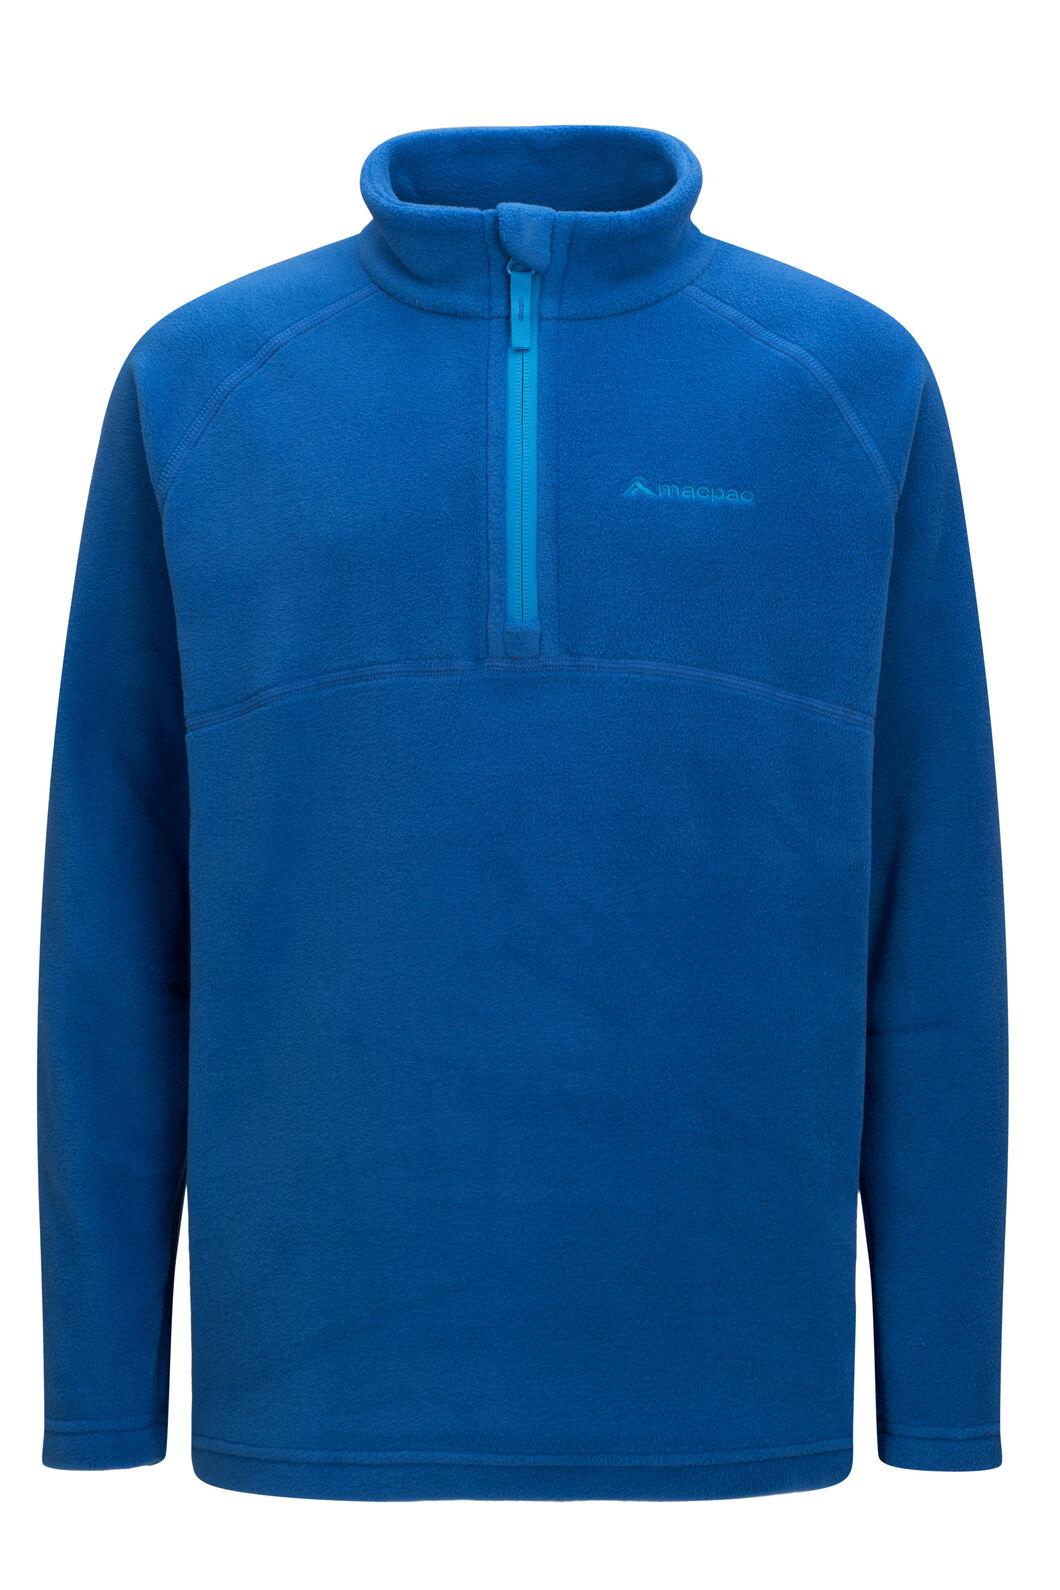 Macpac Kids' Tui Polartec® Fleece Pullover, Classic Blue, hi-res